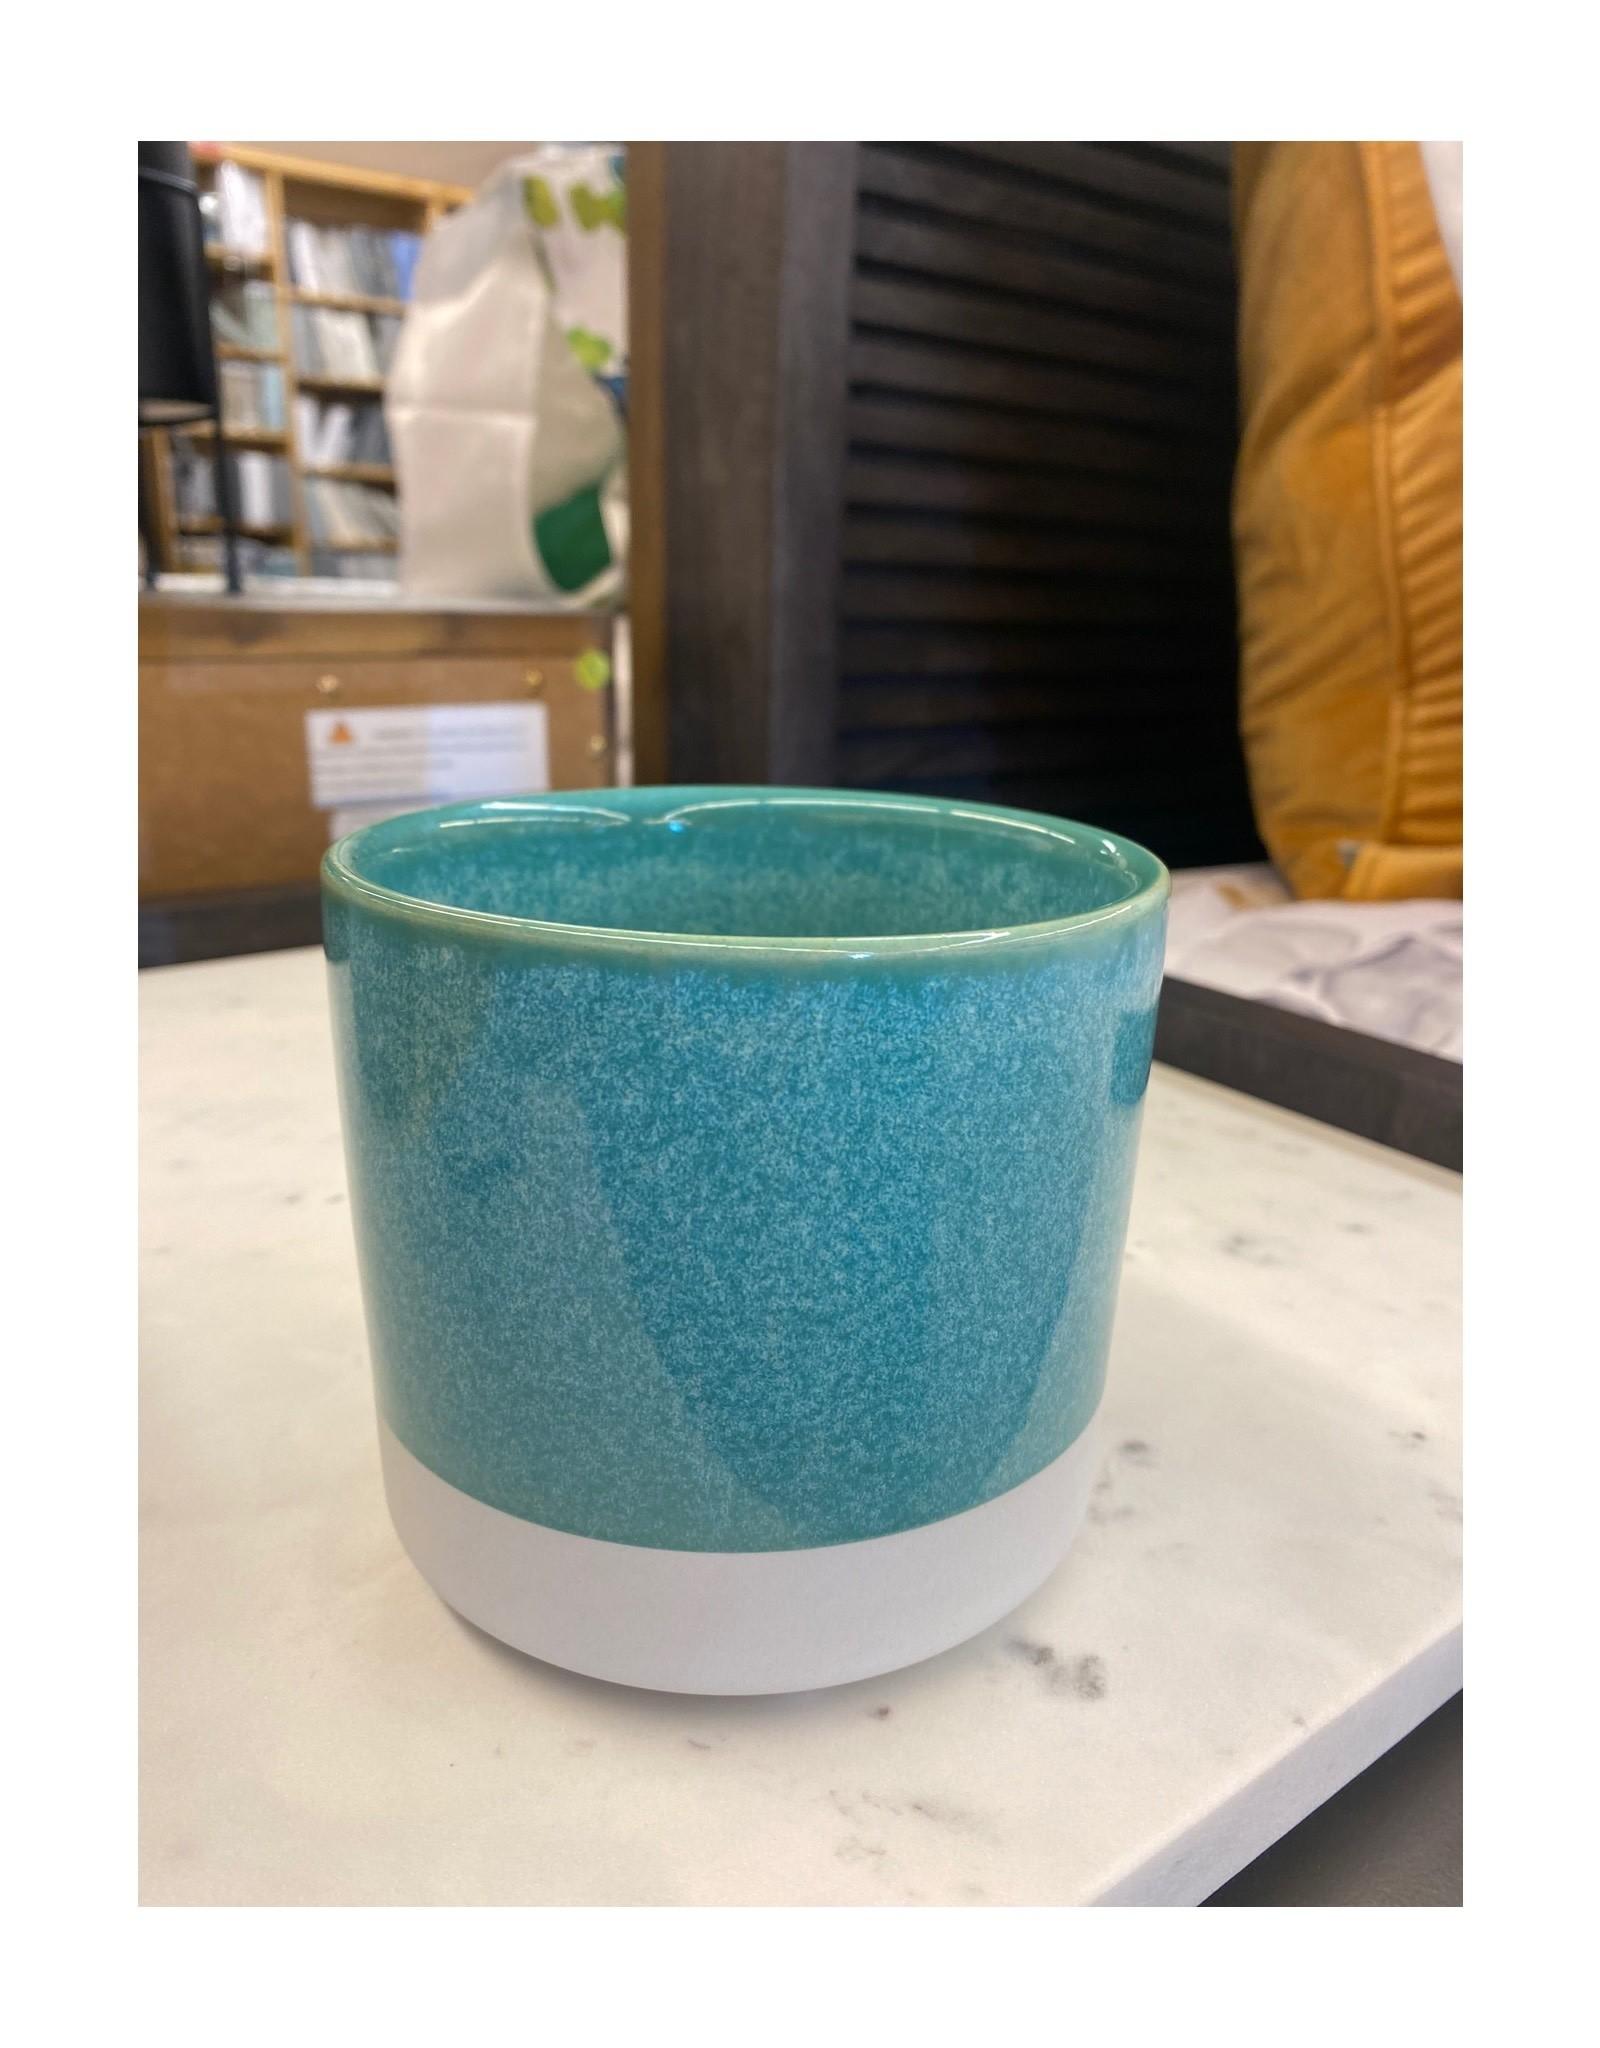 Planter PC 2-Tone Turquoise / White 4D